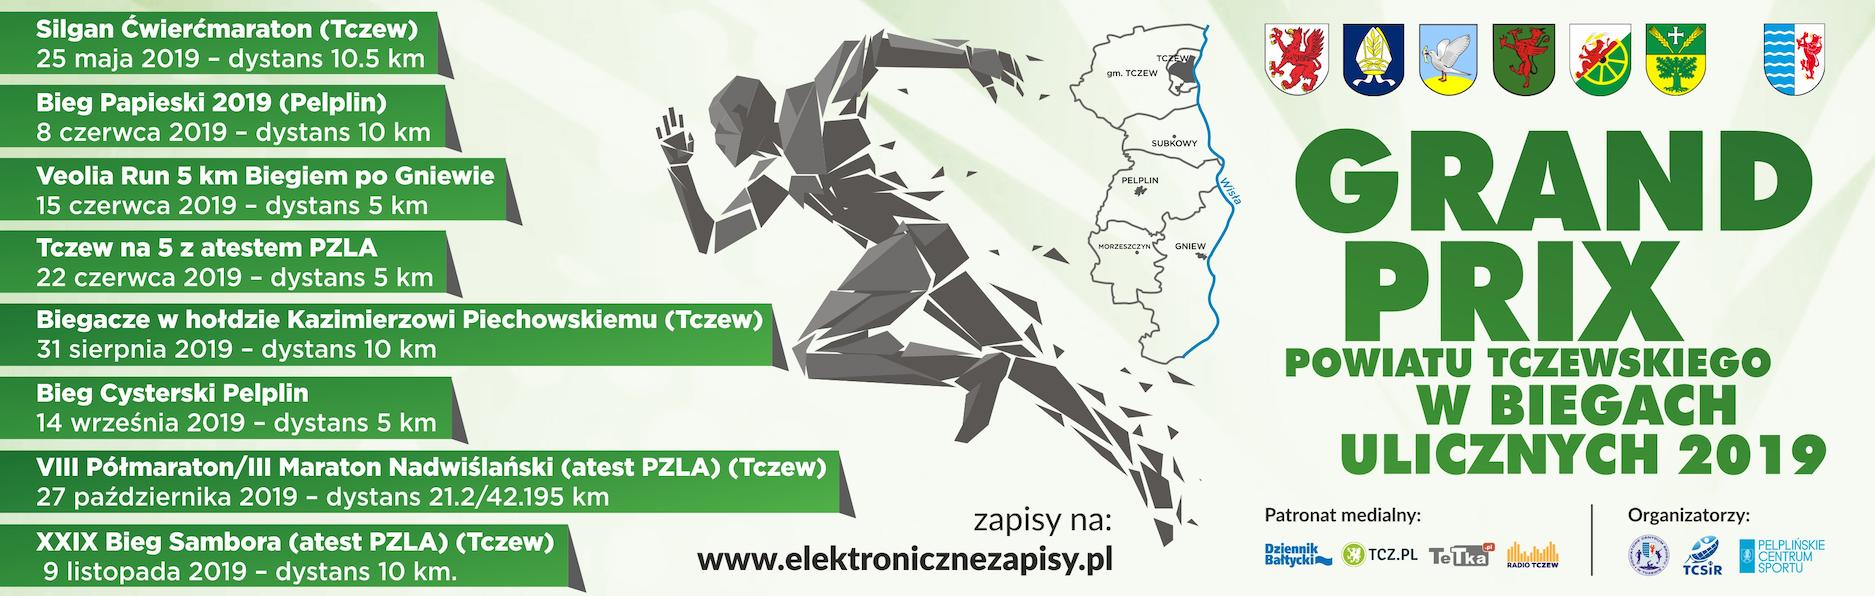 GPX Powiatu Tczewskiego